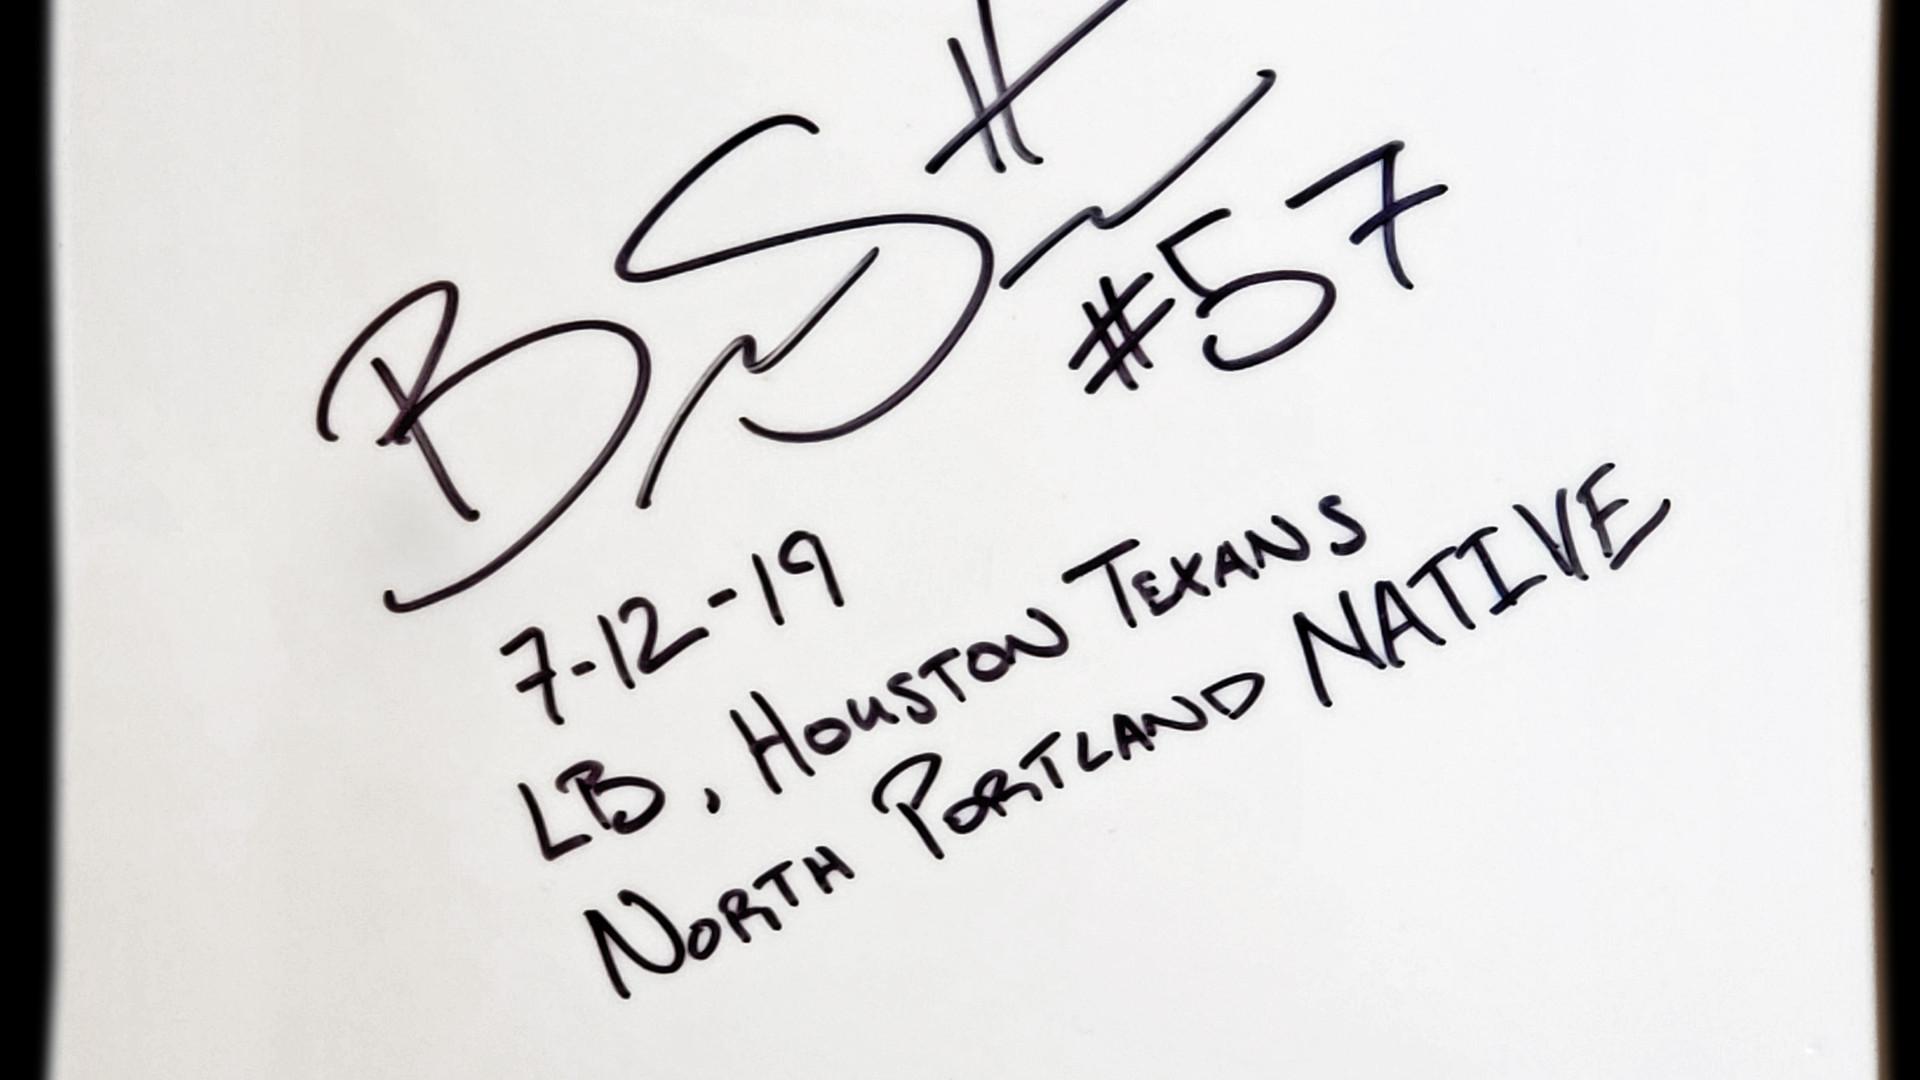 2019_07_30_Brennan Scarlett  Autograph e